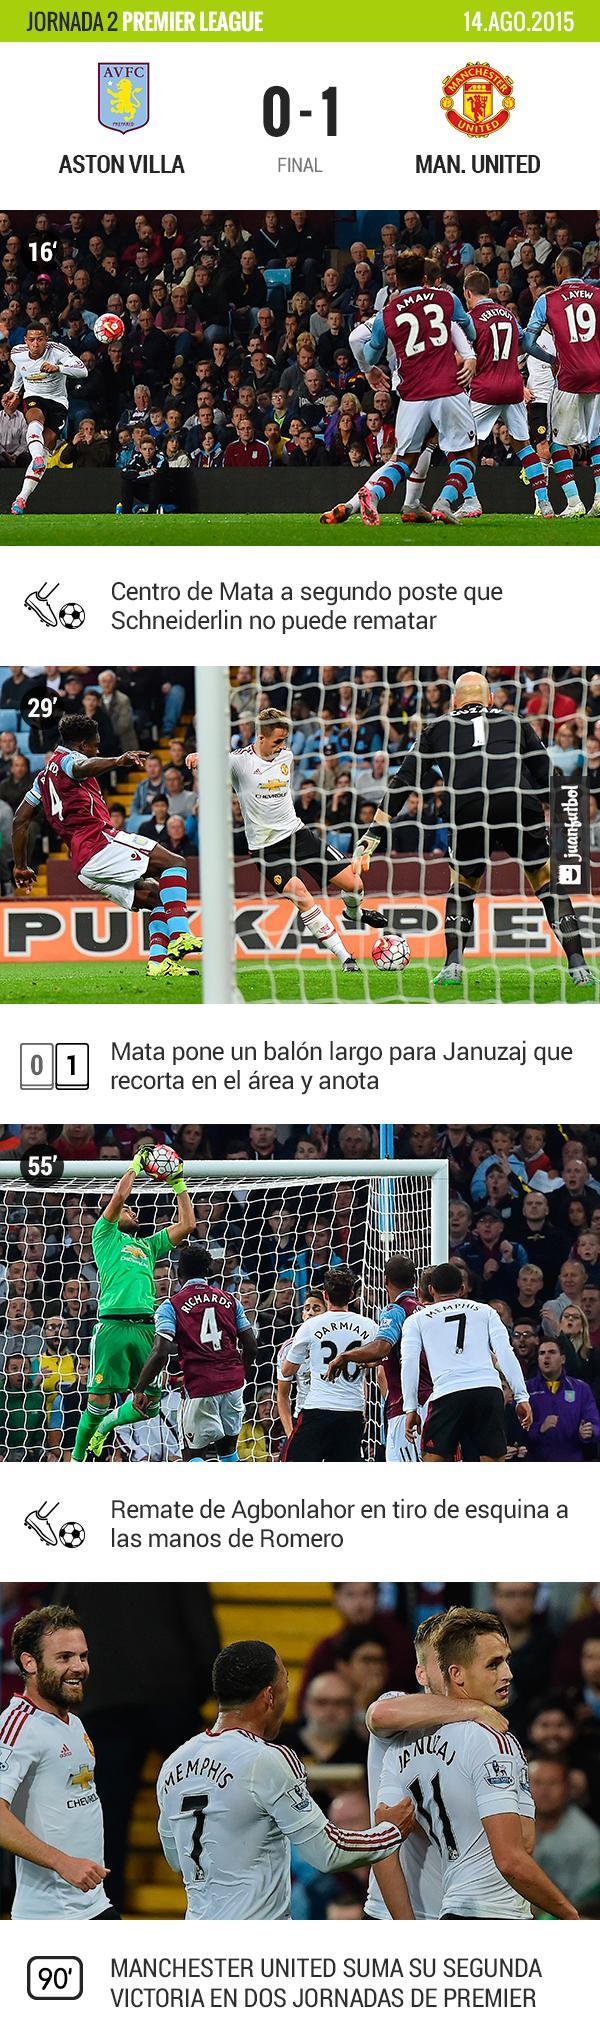 Manchester United gana de visita al Aston Villa con un gol de Januzaj, Chicharito se quedó en la banca.